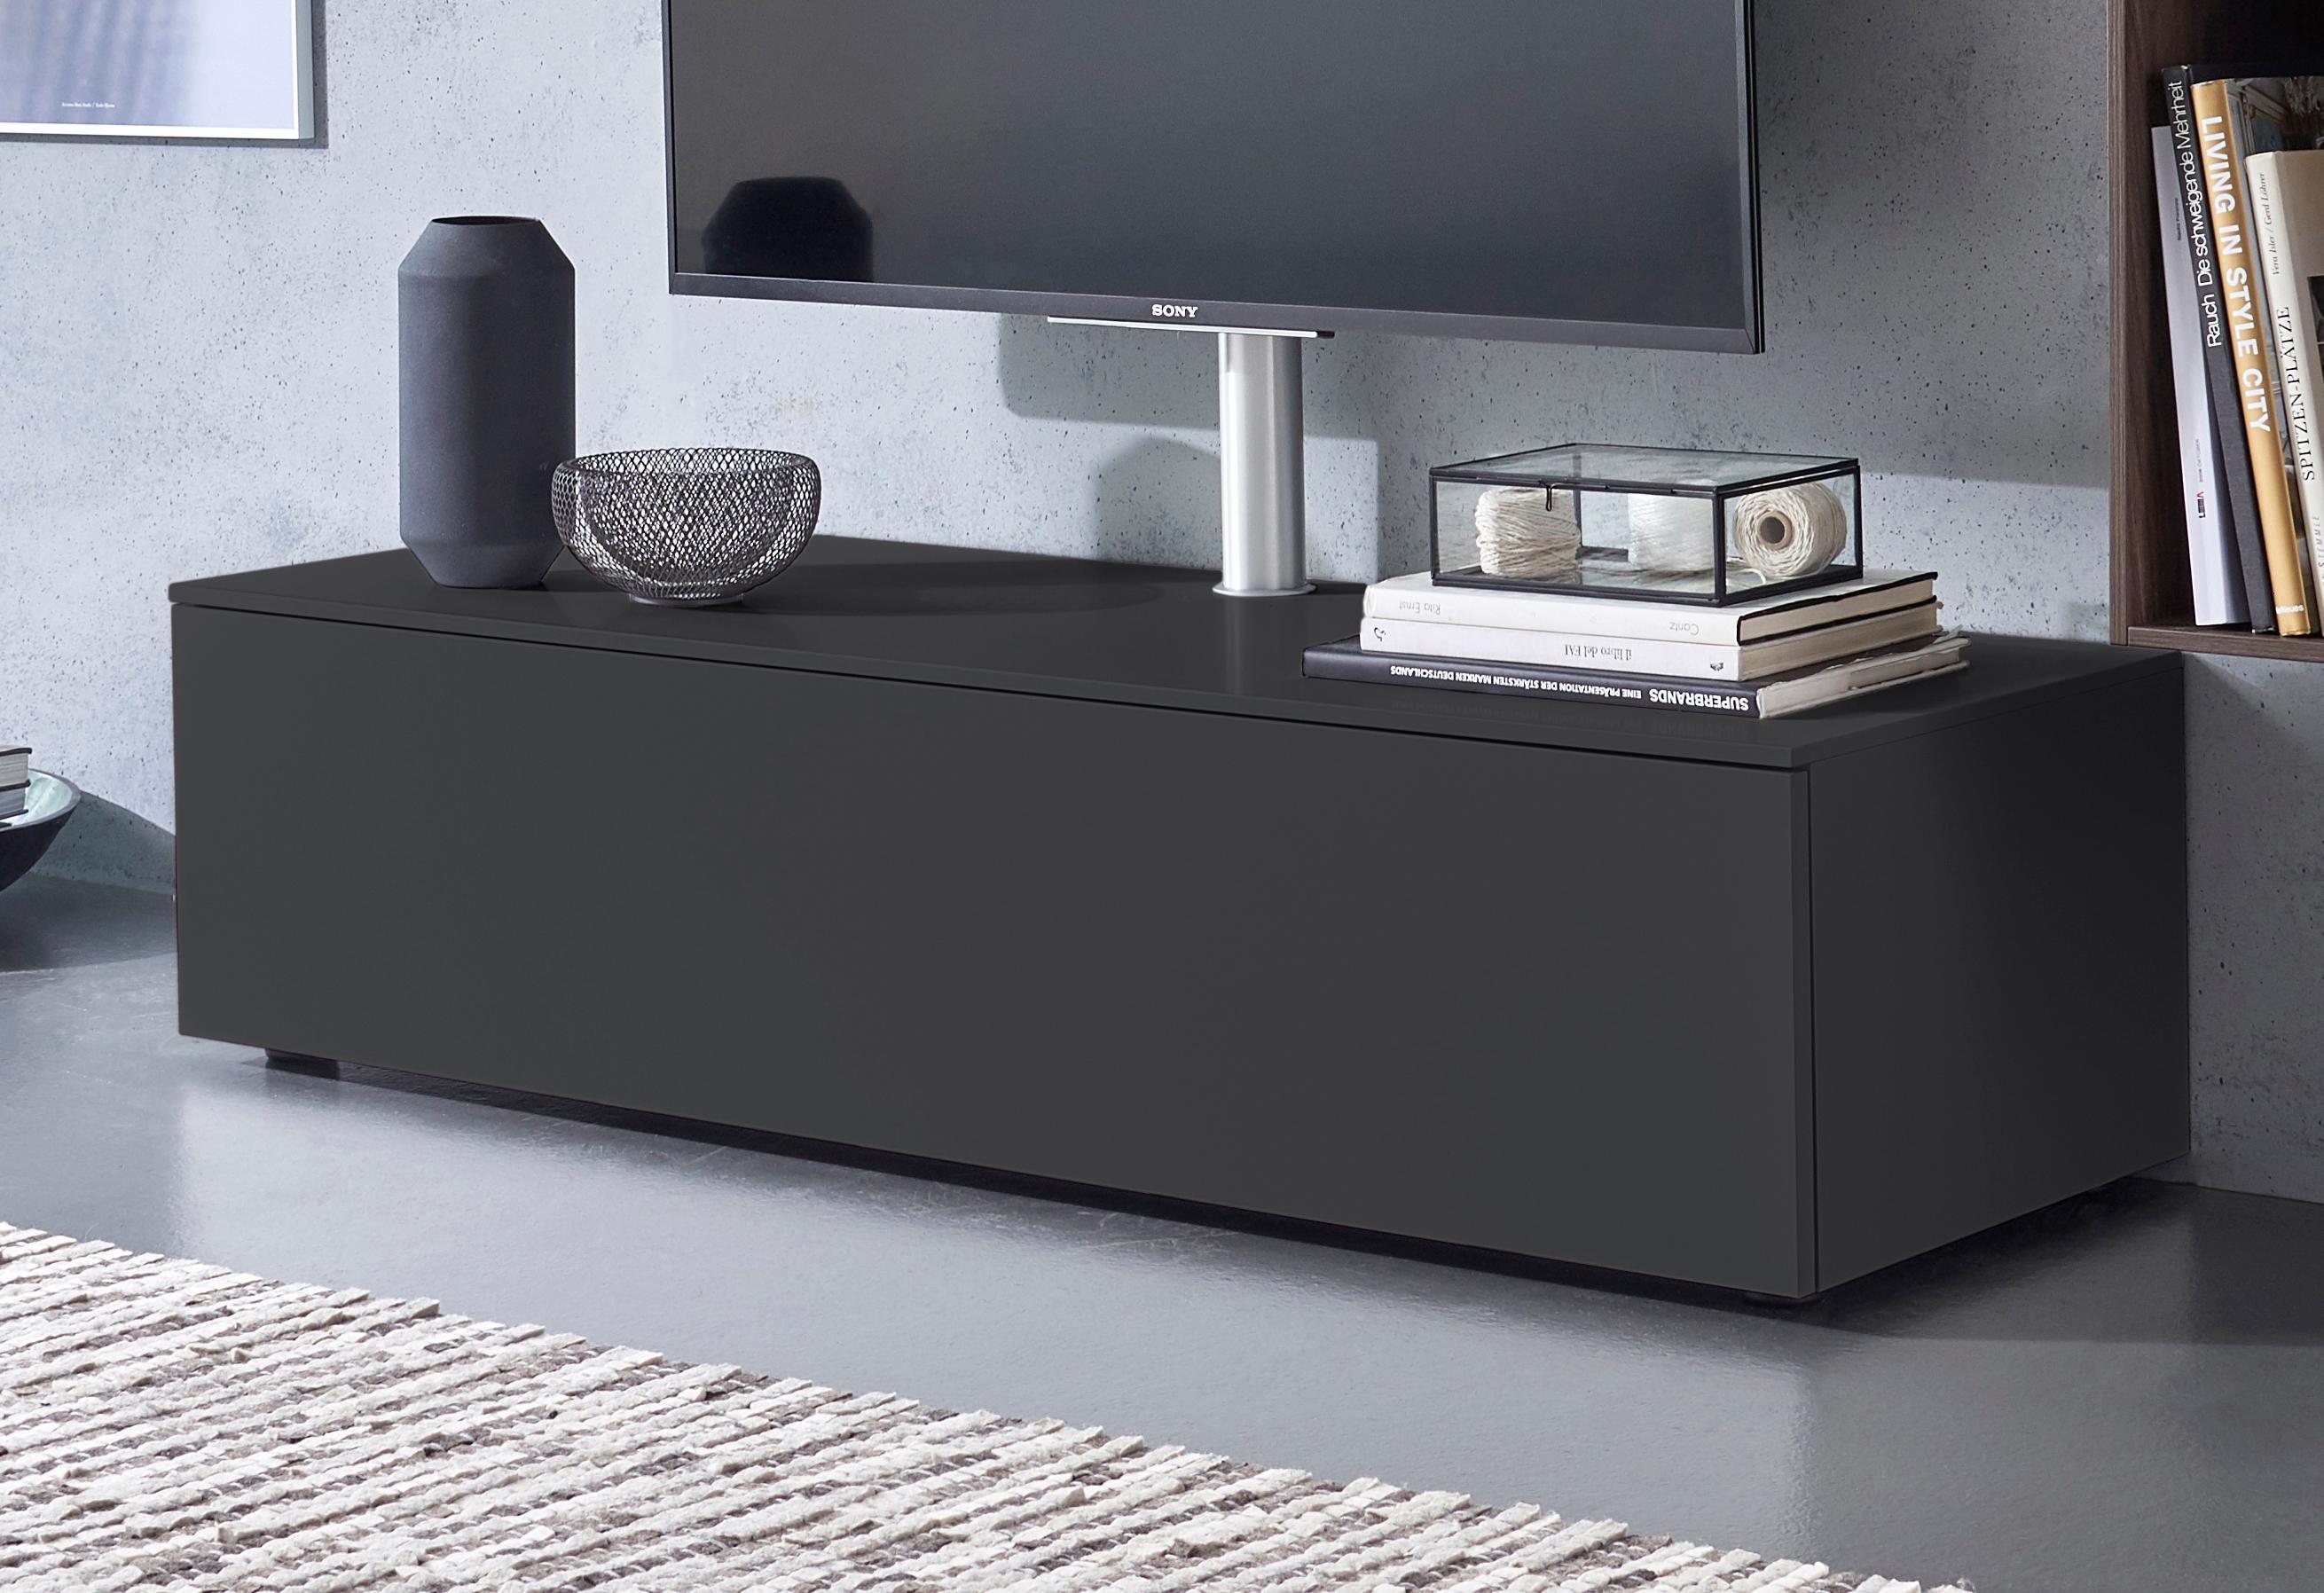 SPECTRAL Lowboard »Select« wahlweise mit TV-Halterung, Breite 140 cm | Wohnzimmer > TV-HiFi-Möbel > TV-Halterungen | Schwarz | Abs | SPECTRAL